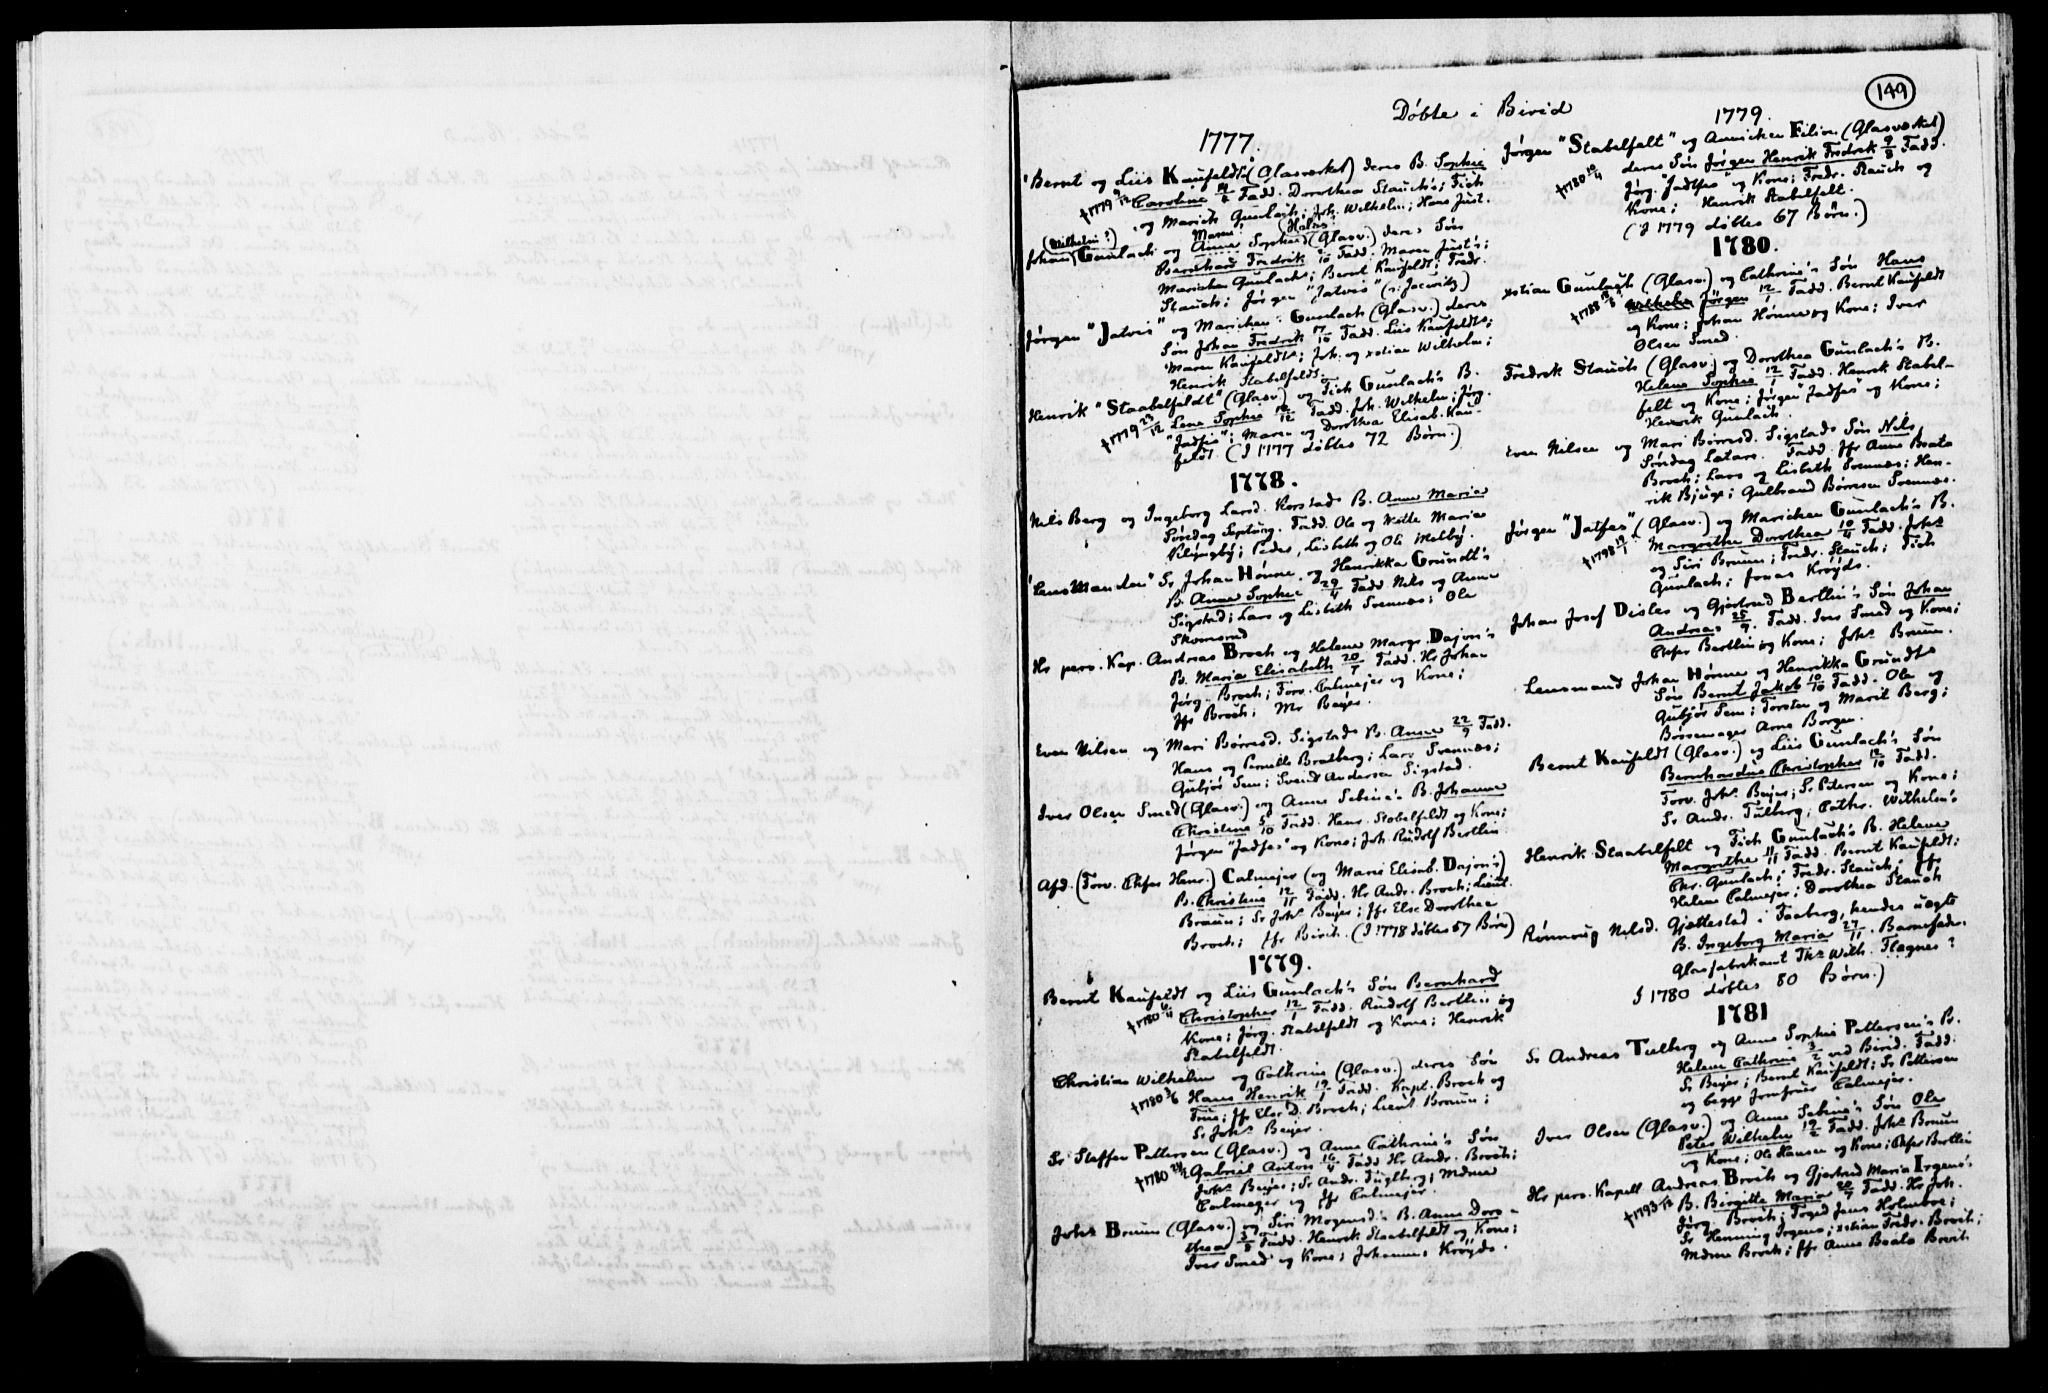 SAH, Biri prestekontor, Ministerialbok, 1730-1879, s. 149